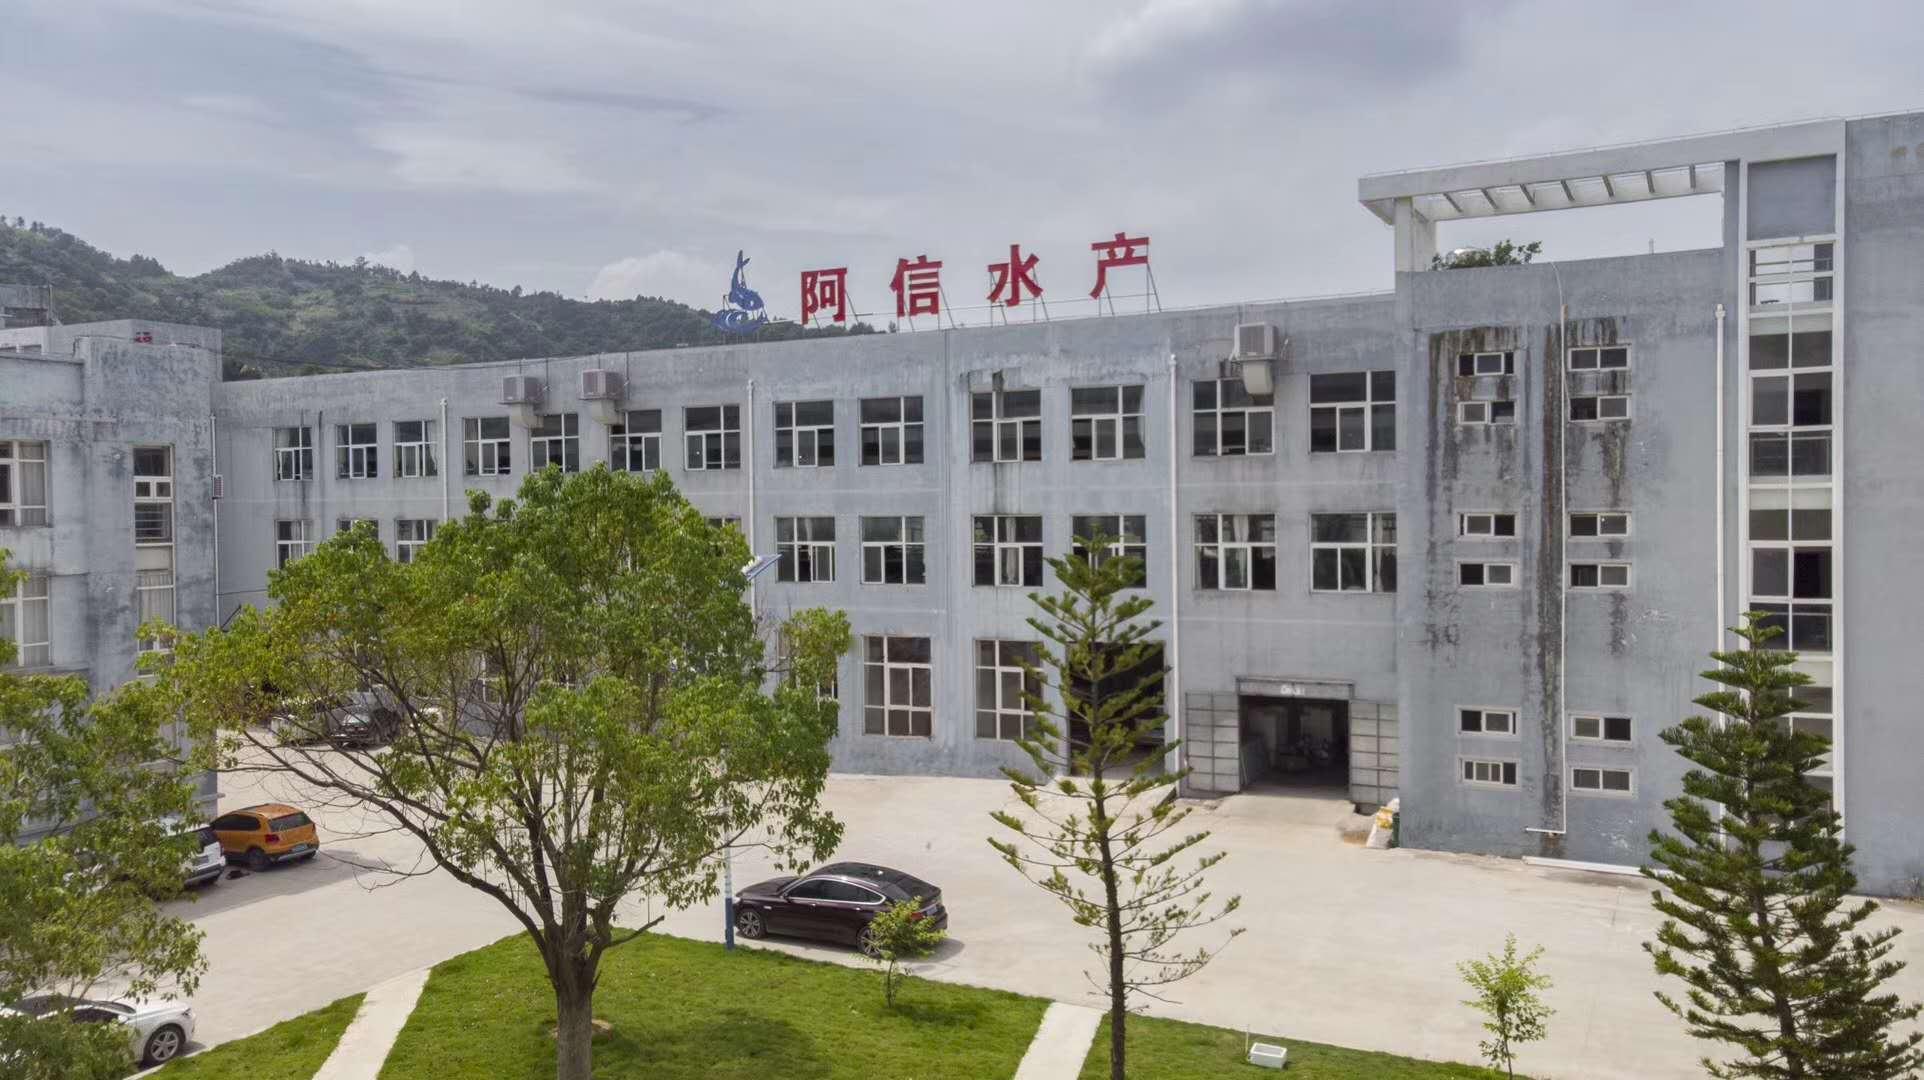 霞浦县阿信水产有限公司